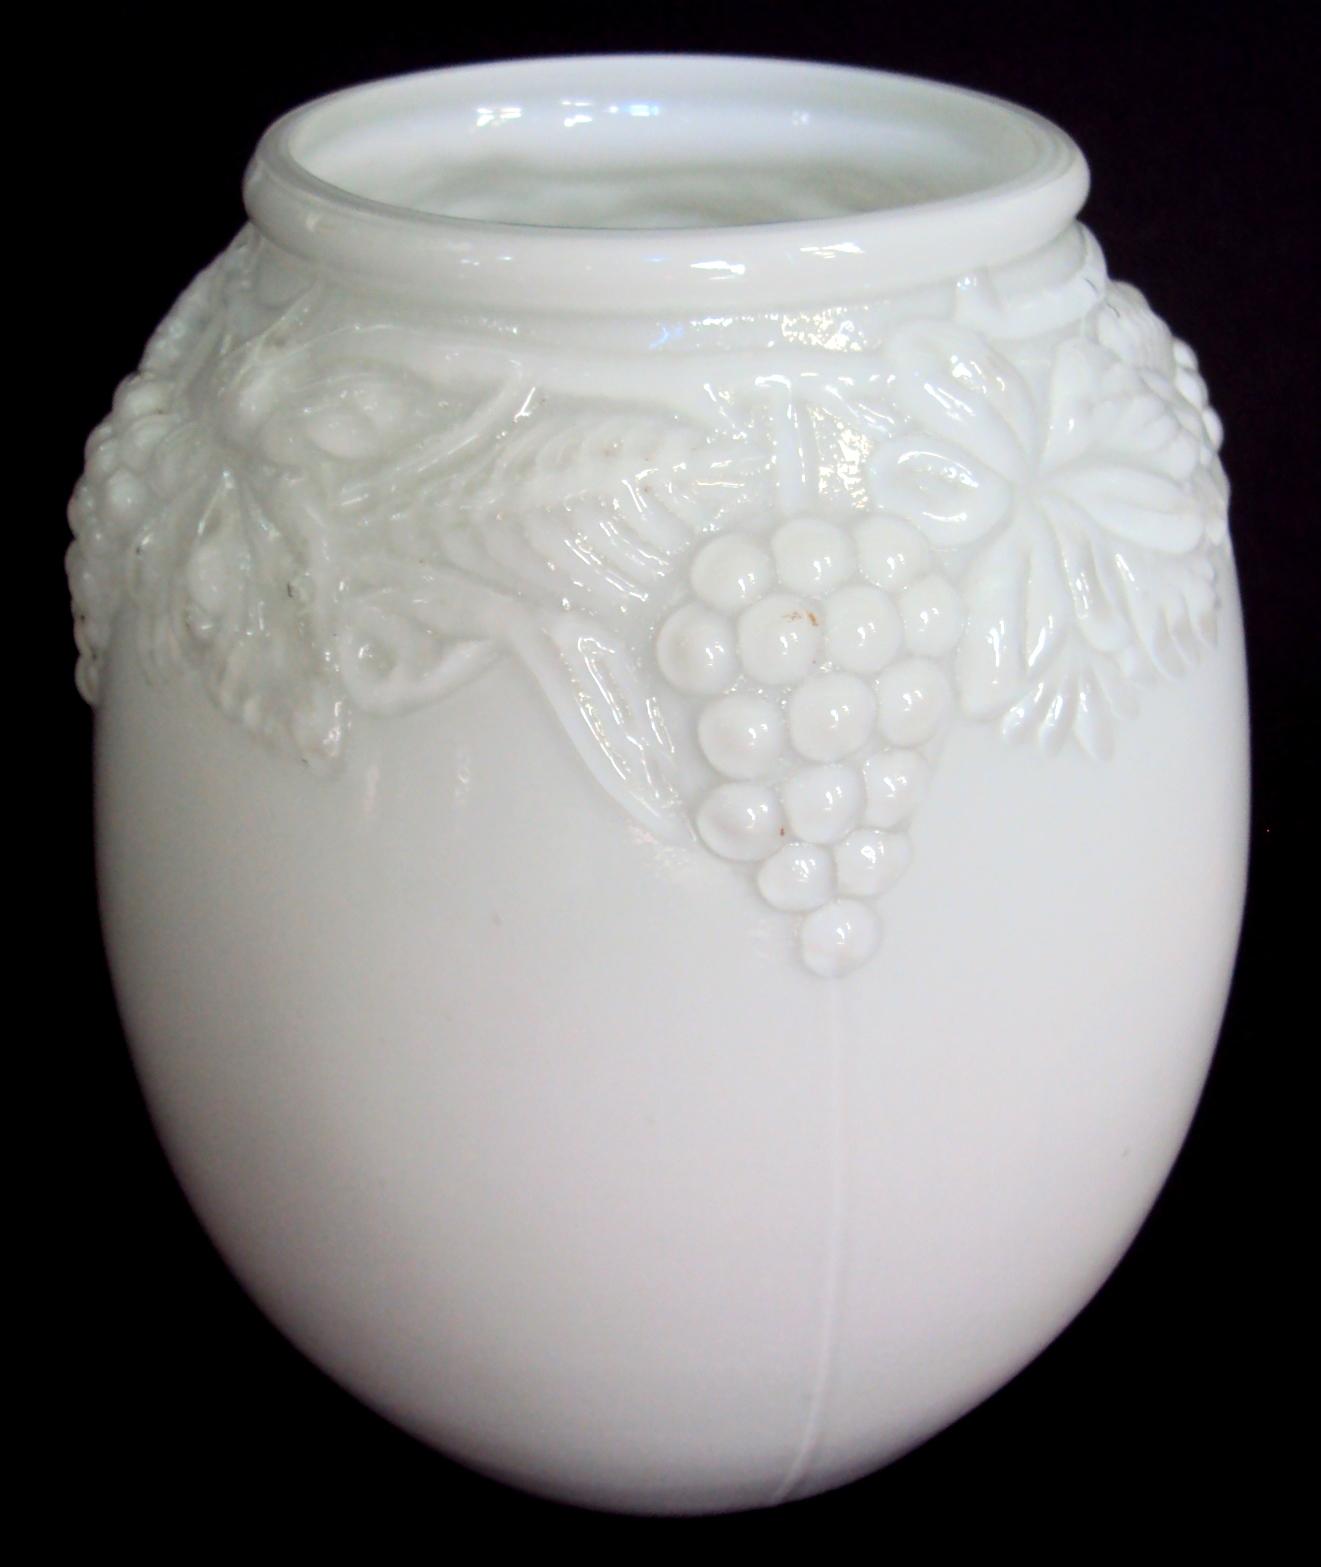 CR 303 – Vaso antigo em vidro branco arredondado com folhas e cachos de uva em relevo